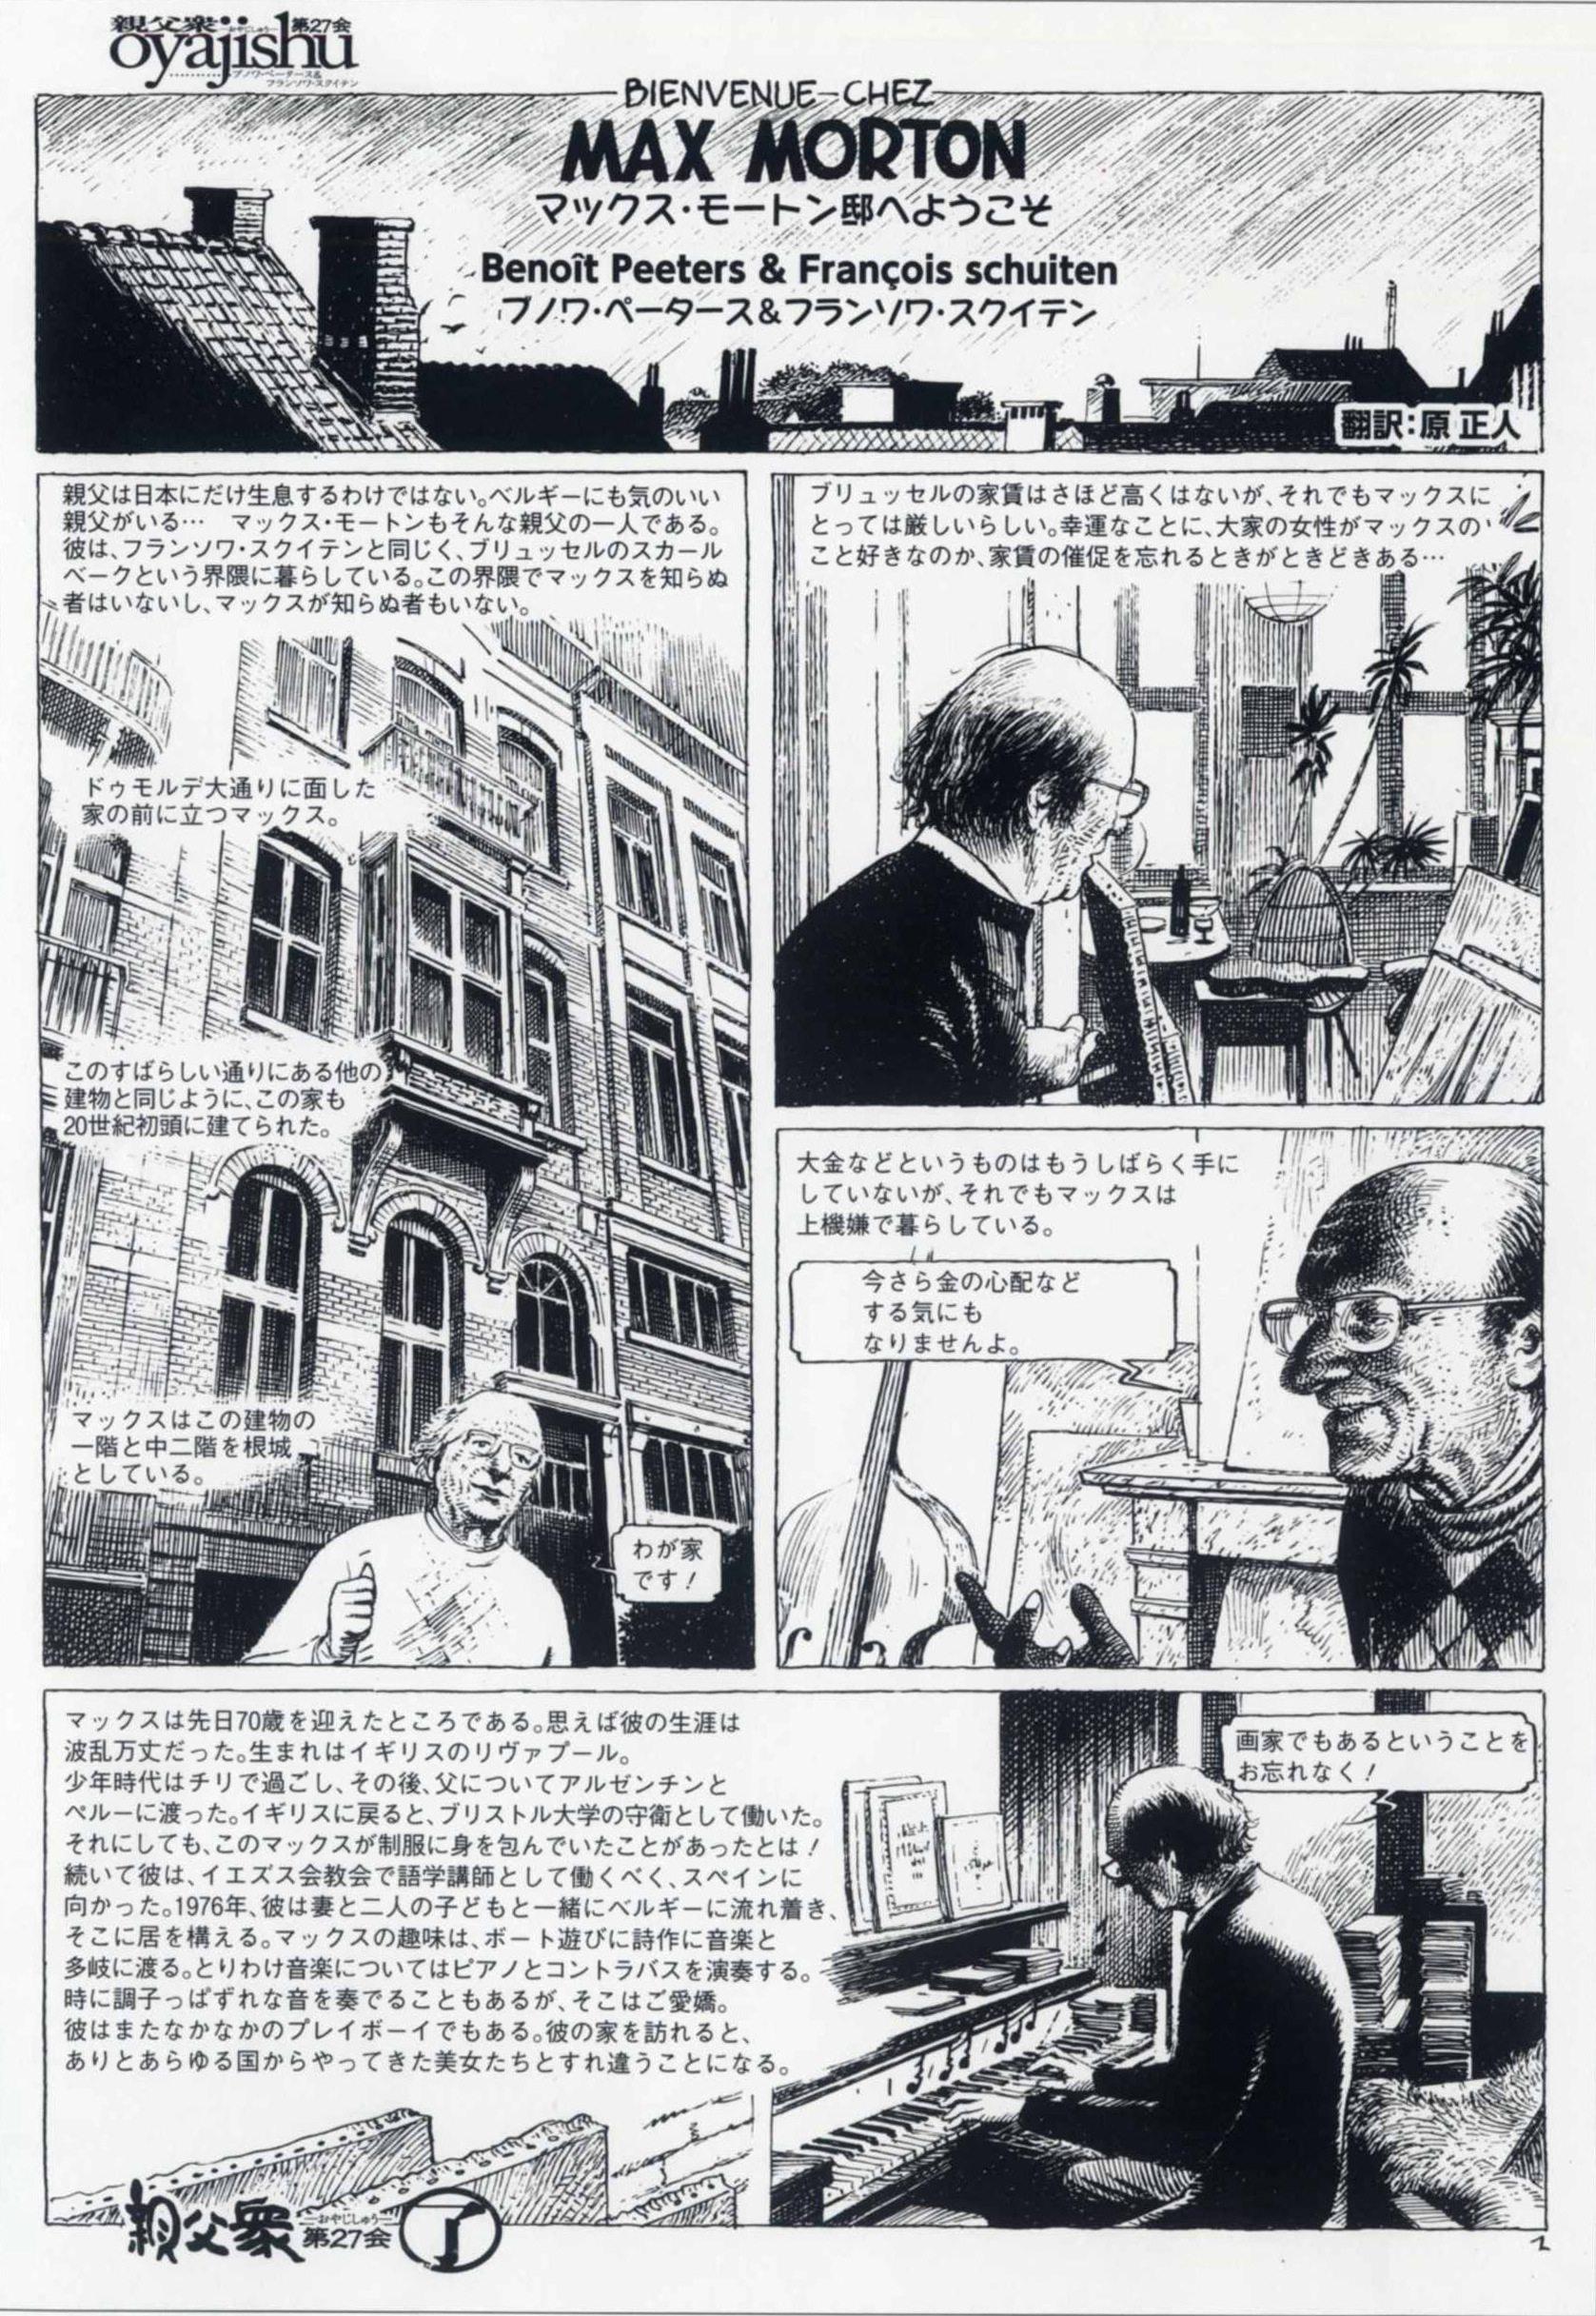 Bienvenue chez Max Morton (page 1)